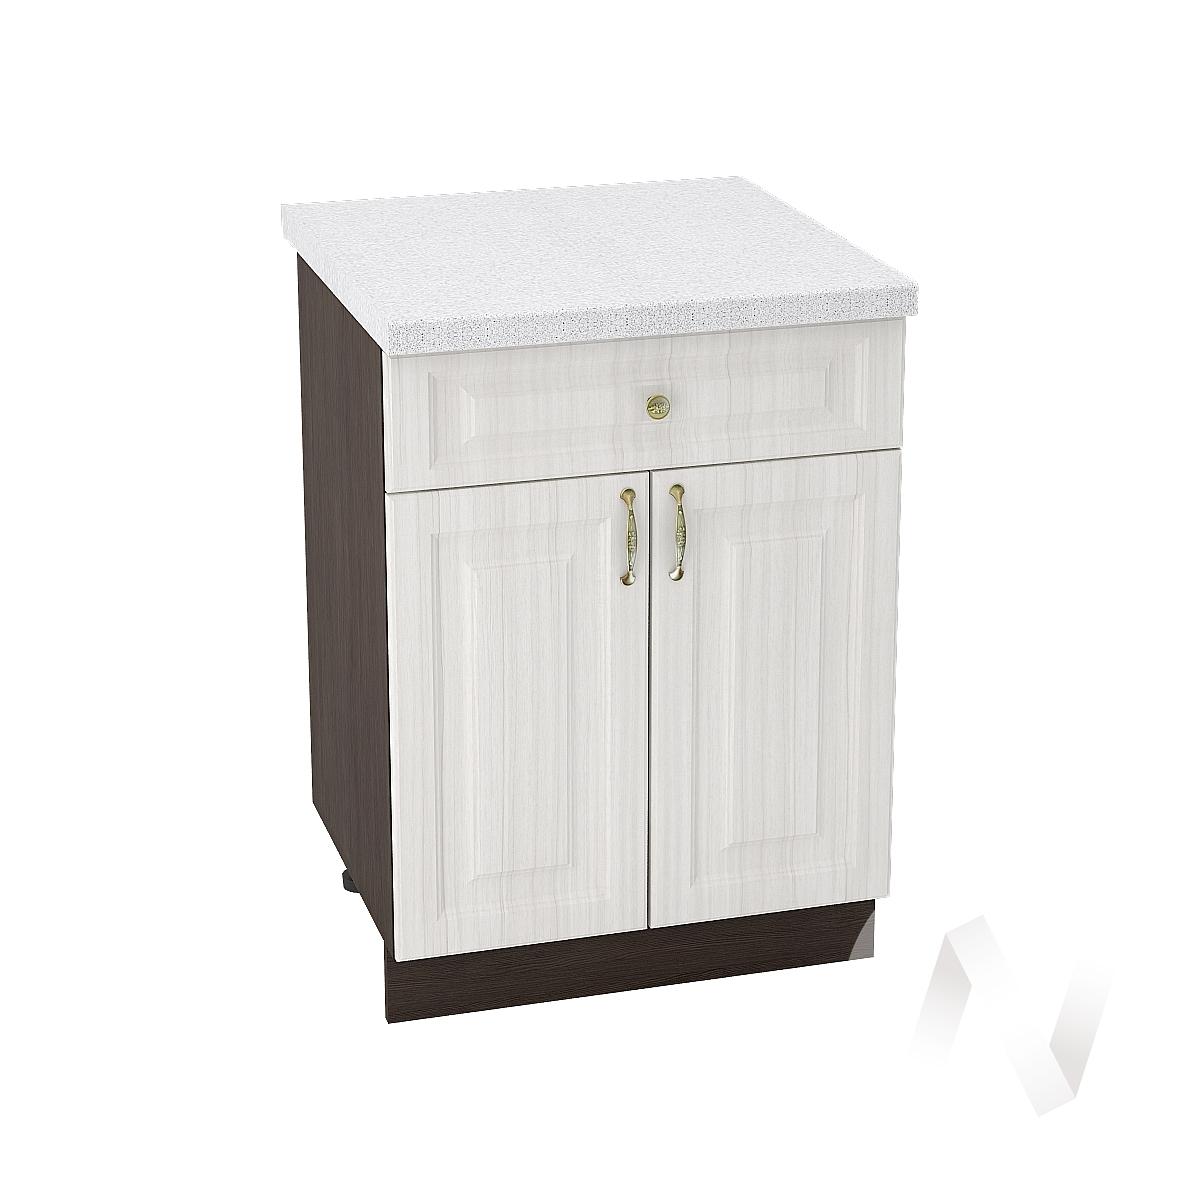 """Кухня """"Виктория"""": Шкаф нижний с ящиком 600, ШН1Я 600 М (корпус венге)"""